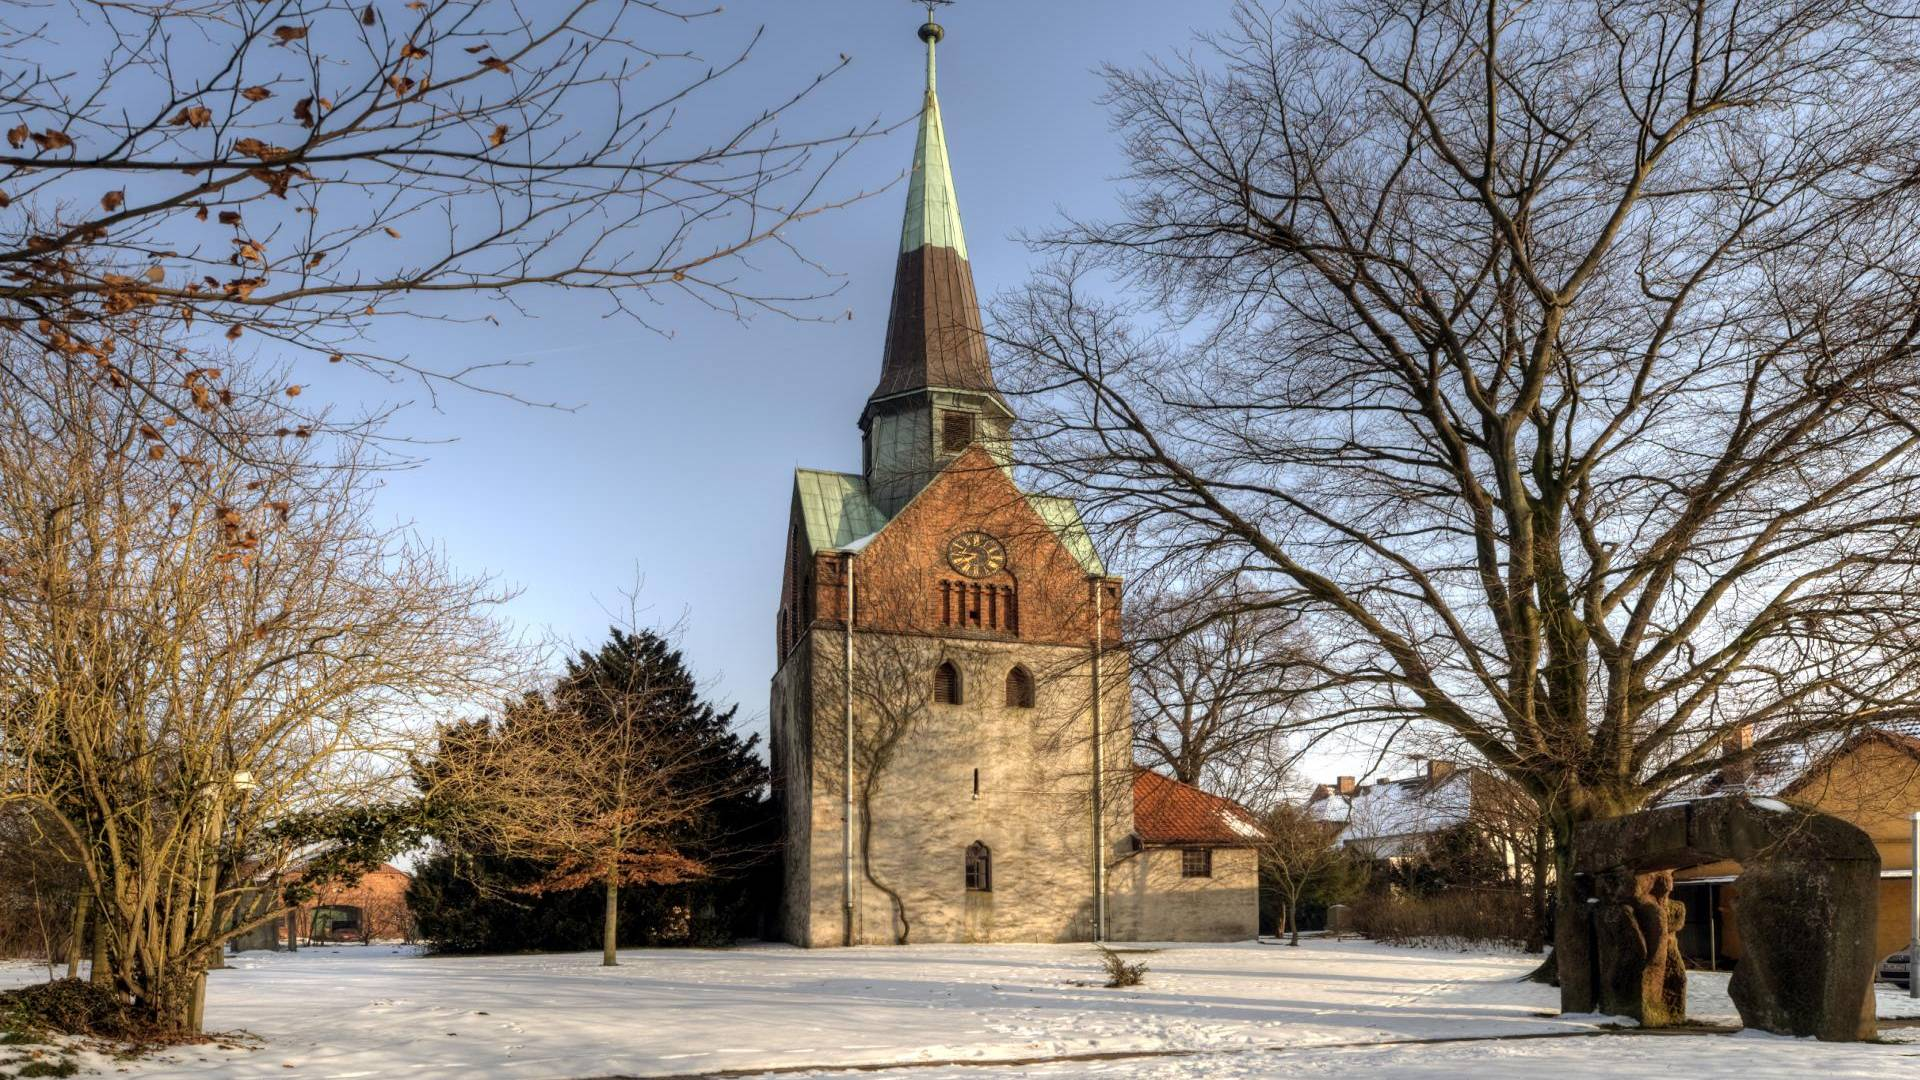 Sievershausen © Dr. Heiner Wolfes